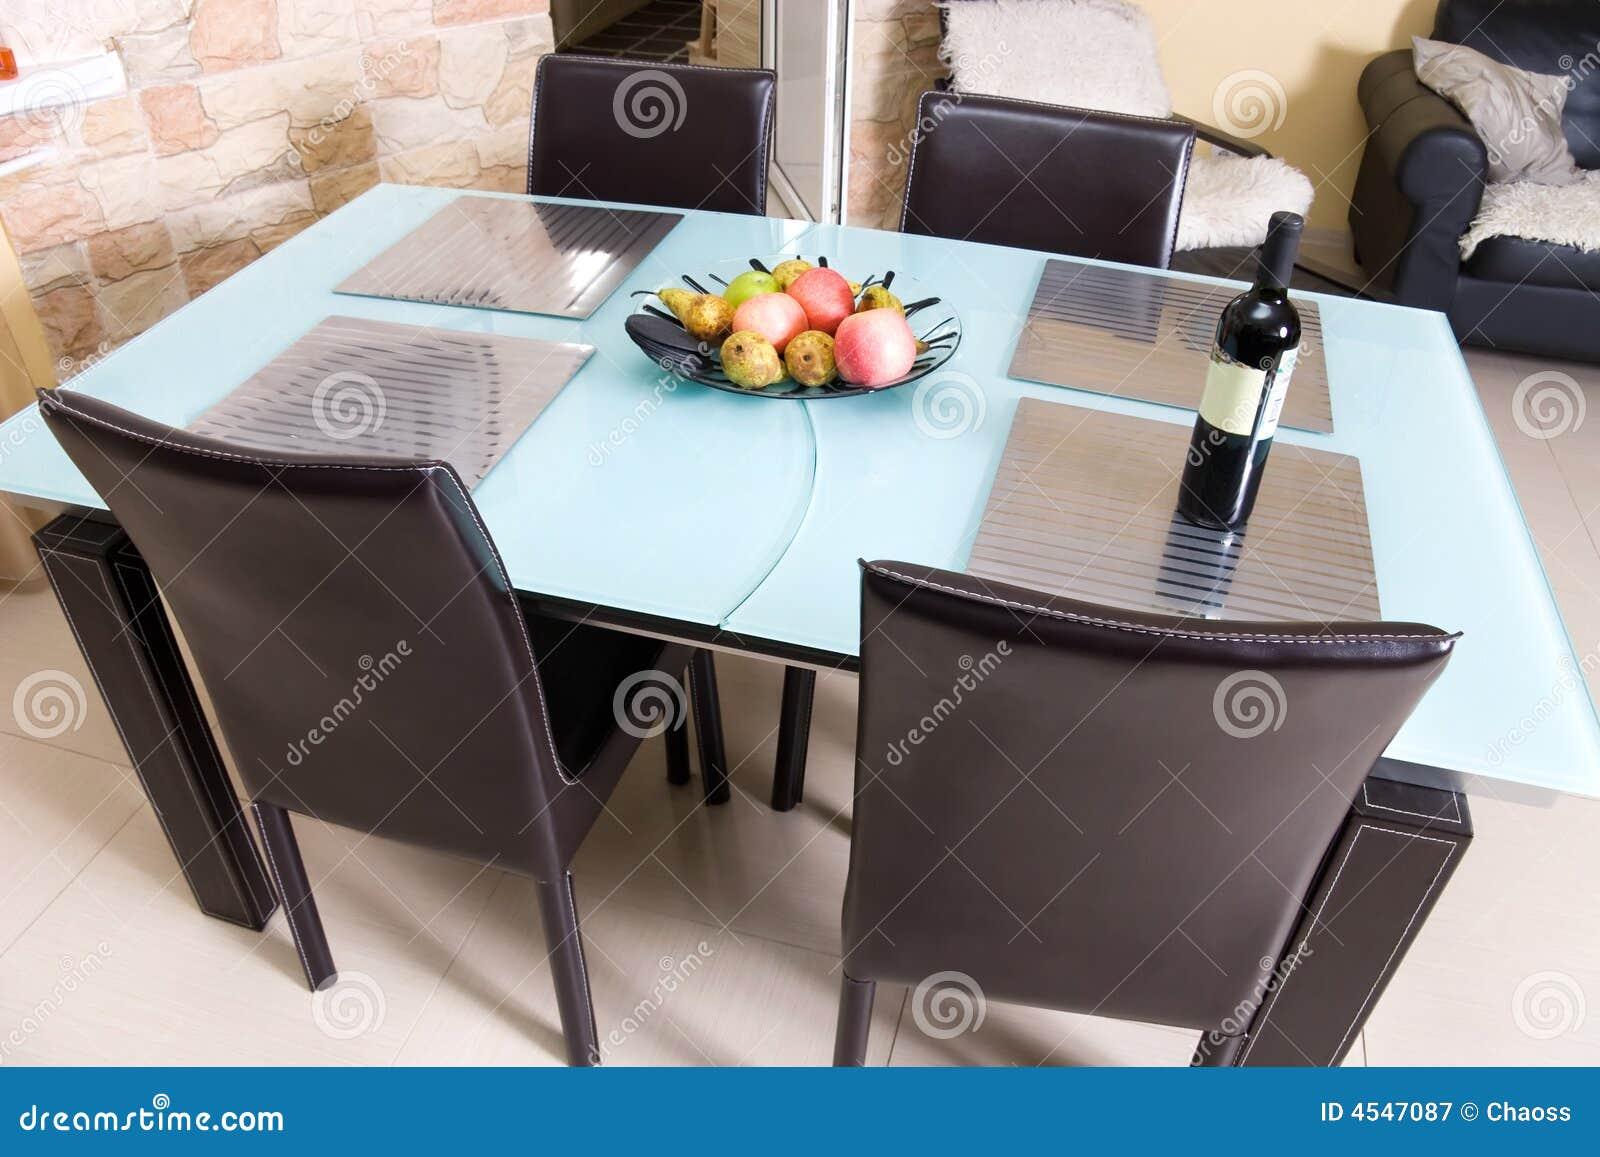 Moderne Küchetabelle Mit Früchten Ein Wein Stockbild Bild Von